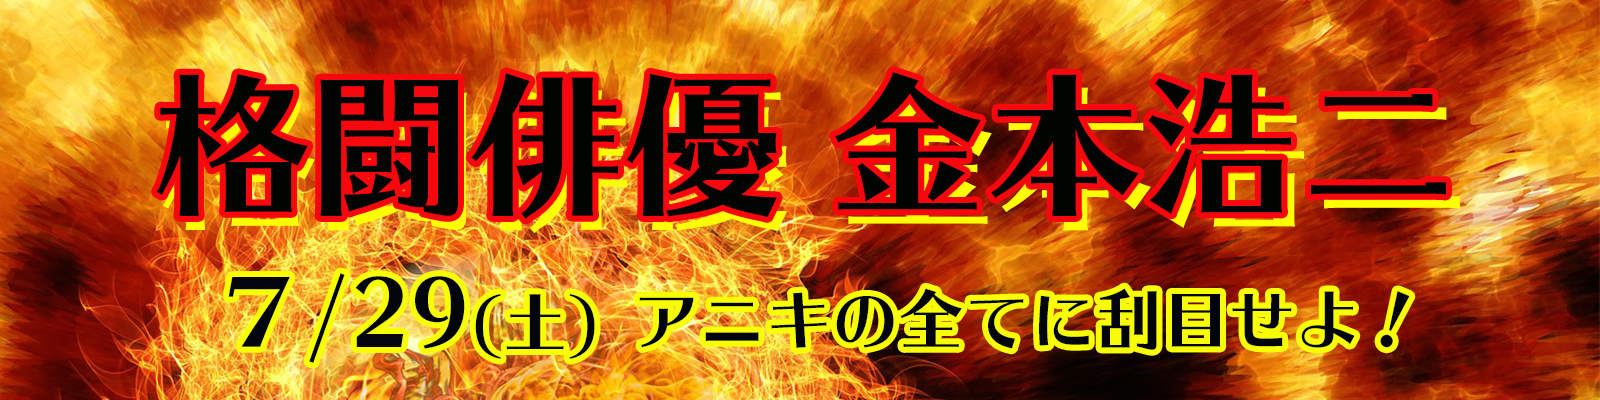 『格闘俳優 金本浩二』